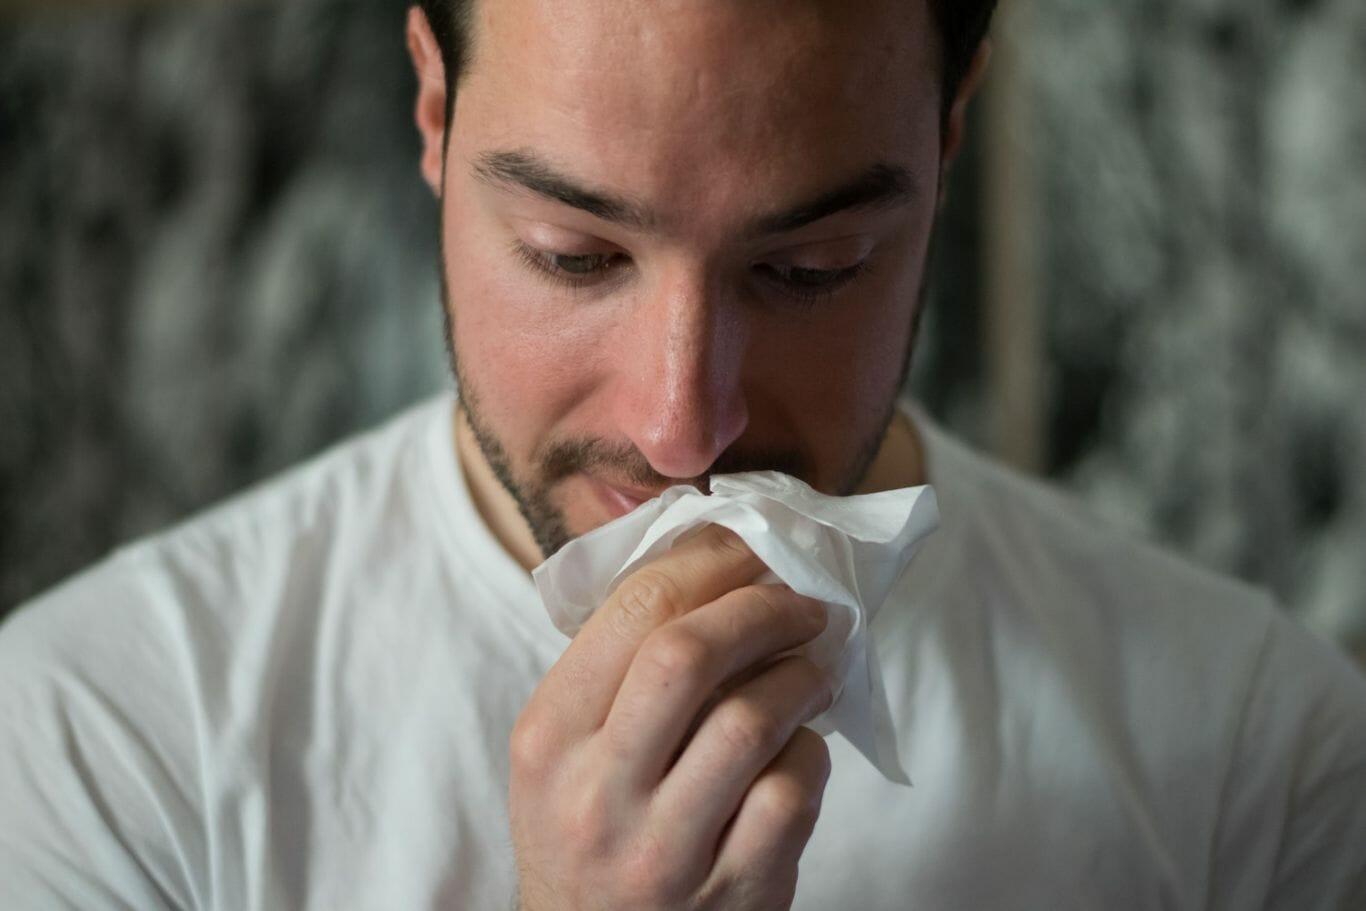 Homem usando lenço umedecido para limpar a boca